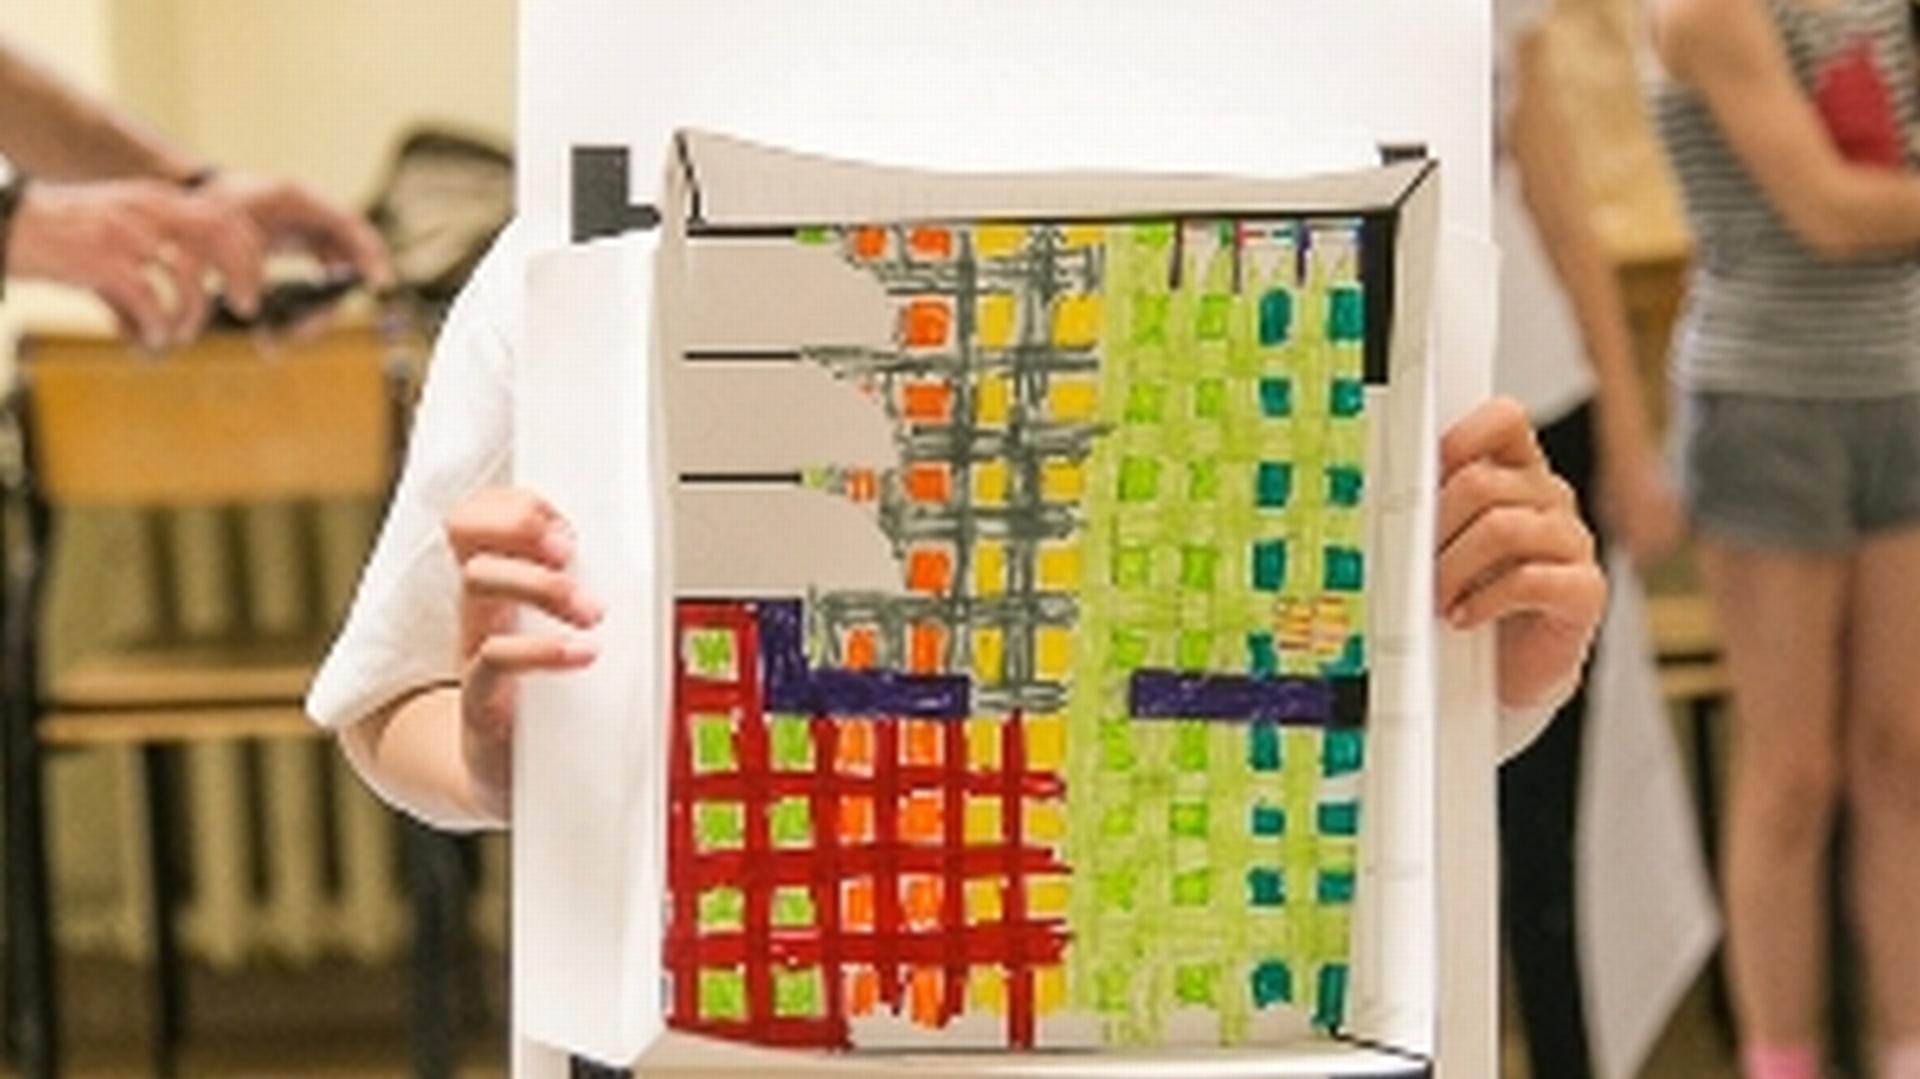 Krakowska Świetlica Architekta od wielu lat zajmuje się projektami związanymi z edukacją młodzieży w zakresie architektonicznej świadomości i estetyki przestrzeni. Tym razem, kolejna akcja przeznaczona jest dla najmłodszych dzieci – 6 latków, które właśnie rozpoczynają rok szkolny.  Fot. Grupa Tubądzin